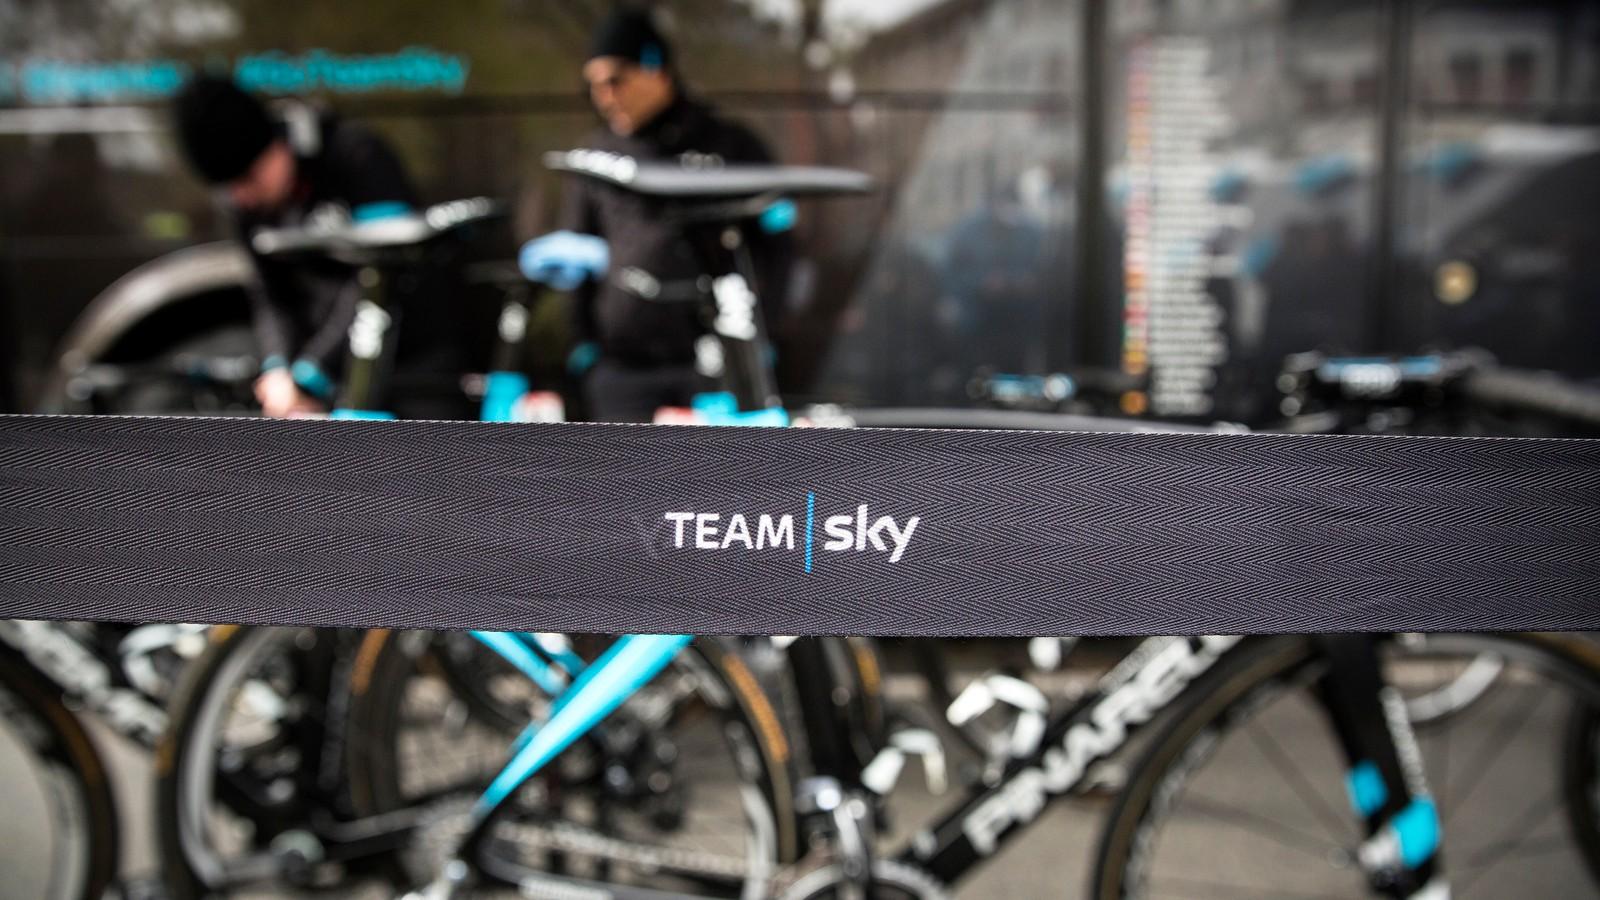 BikeRadar got to poke around Team Sky's service course during the Spring Classics